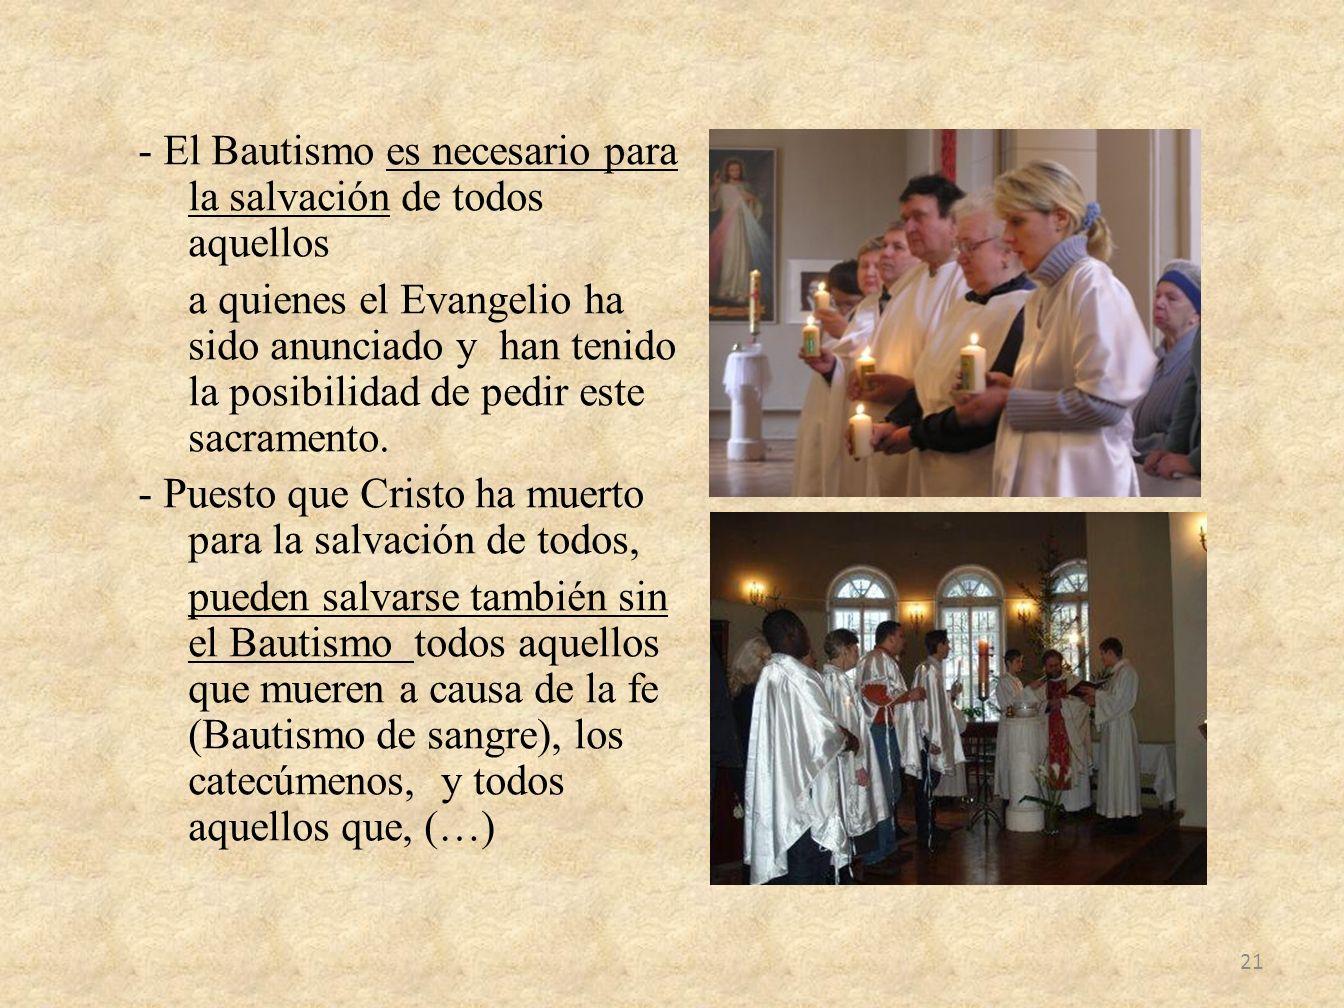 - El Bautismo es necesario para la salvación de todos aquellos a quienes el Evangelio ha sido anunciado y han tenido la posibilidad de pedir este sacr